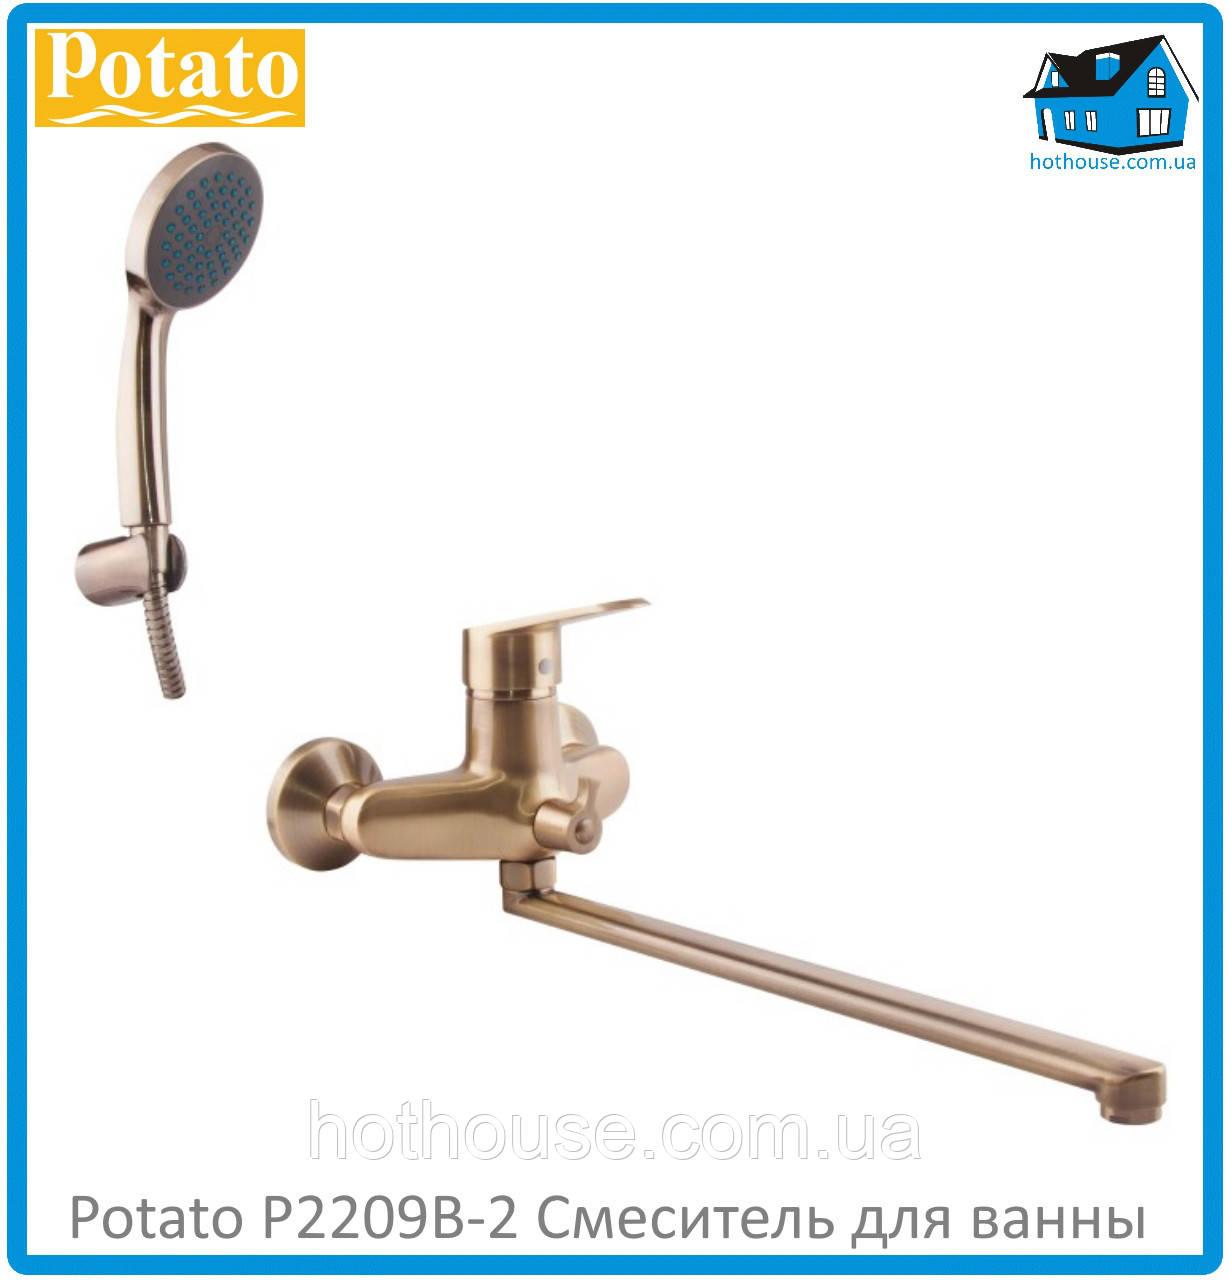 Смеситель для ванны Potato P2209B-2